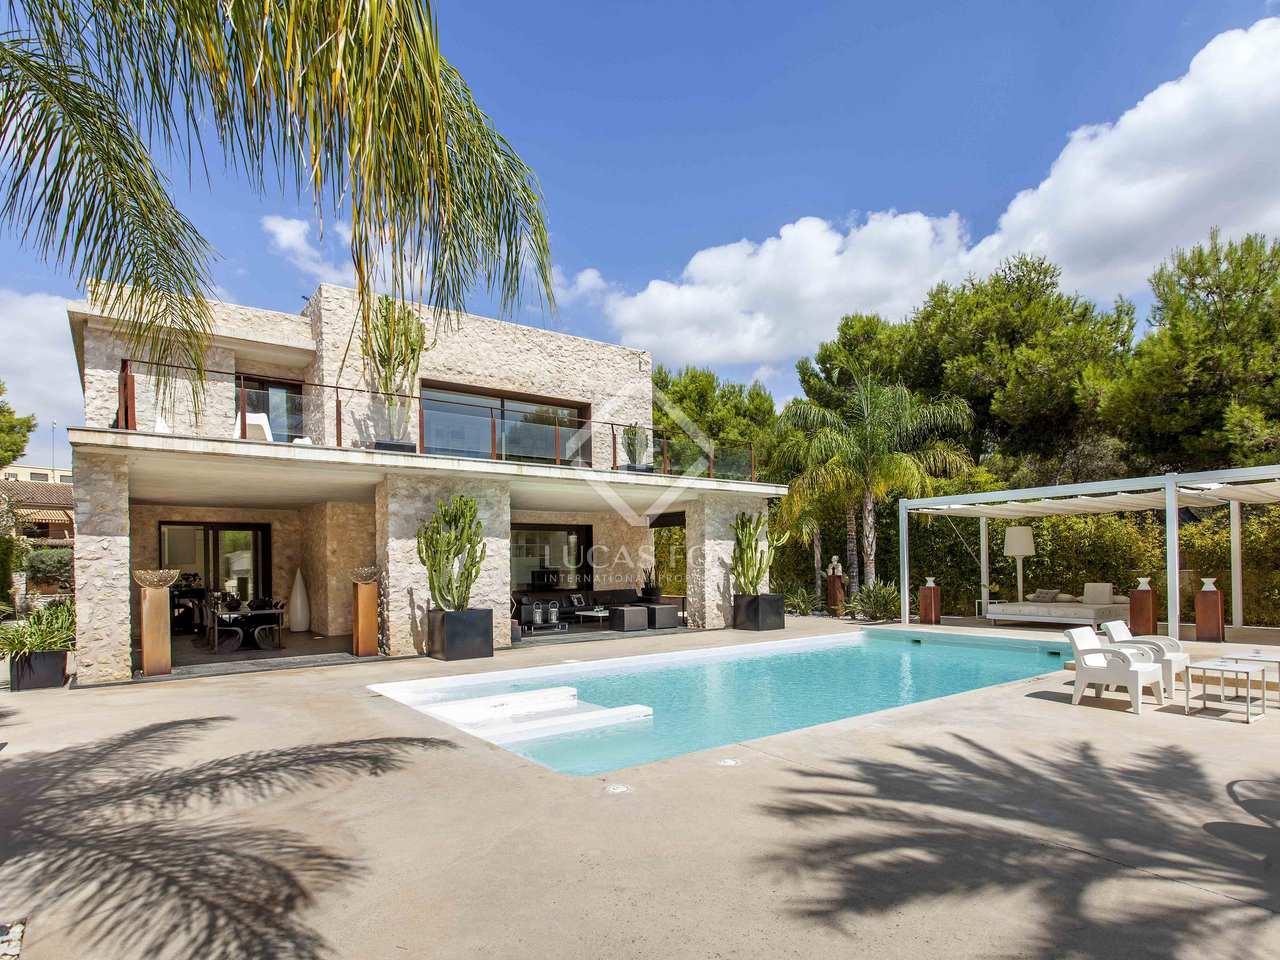 Villa de 790 m en venta en la ca ada paterna - Casas en la canada paterna ...